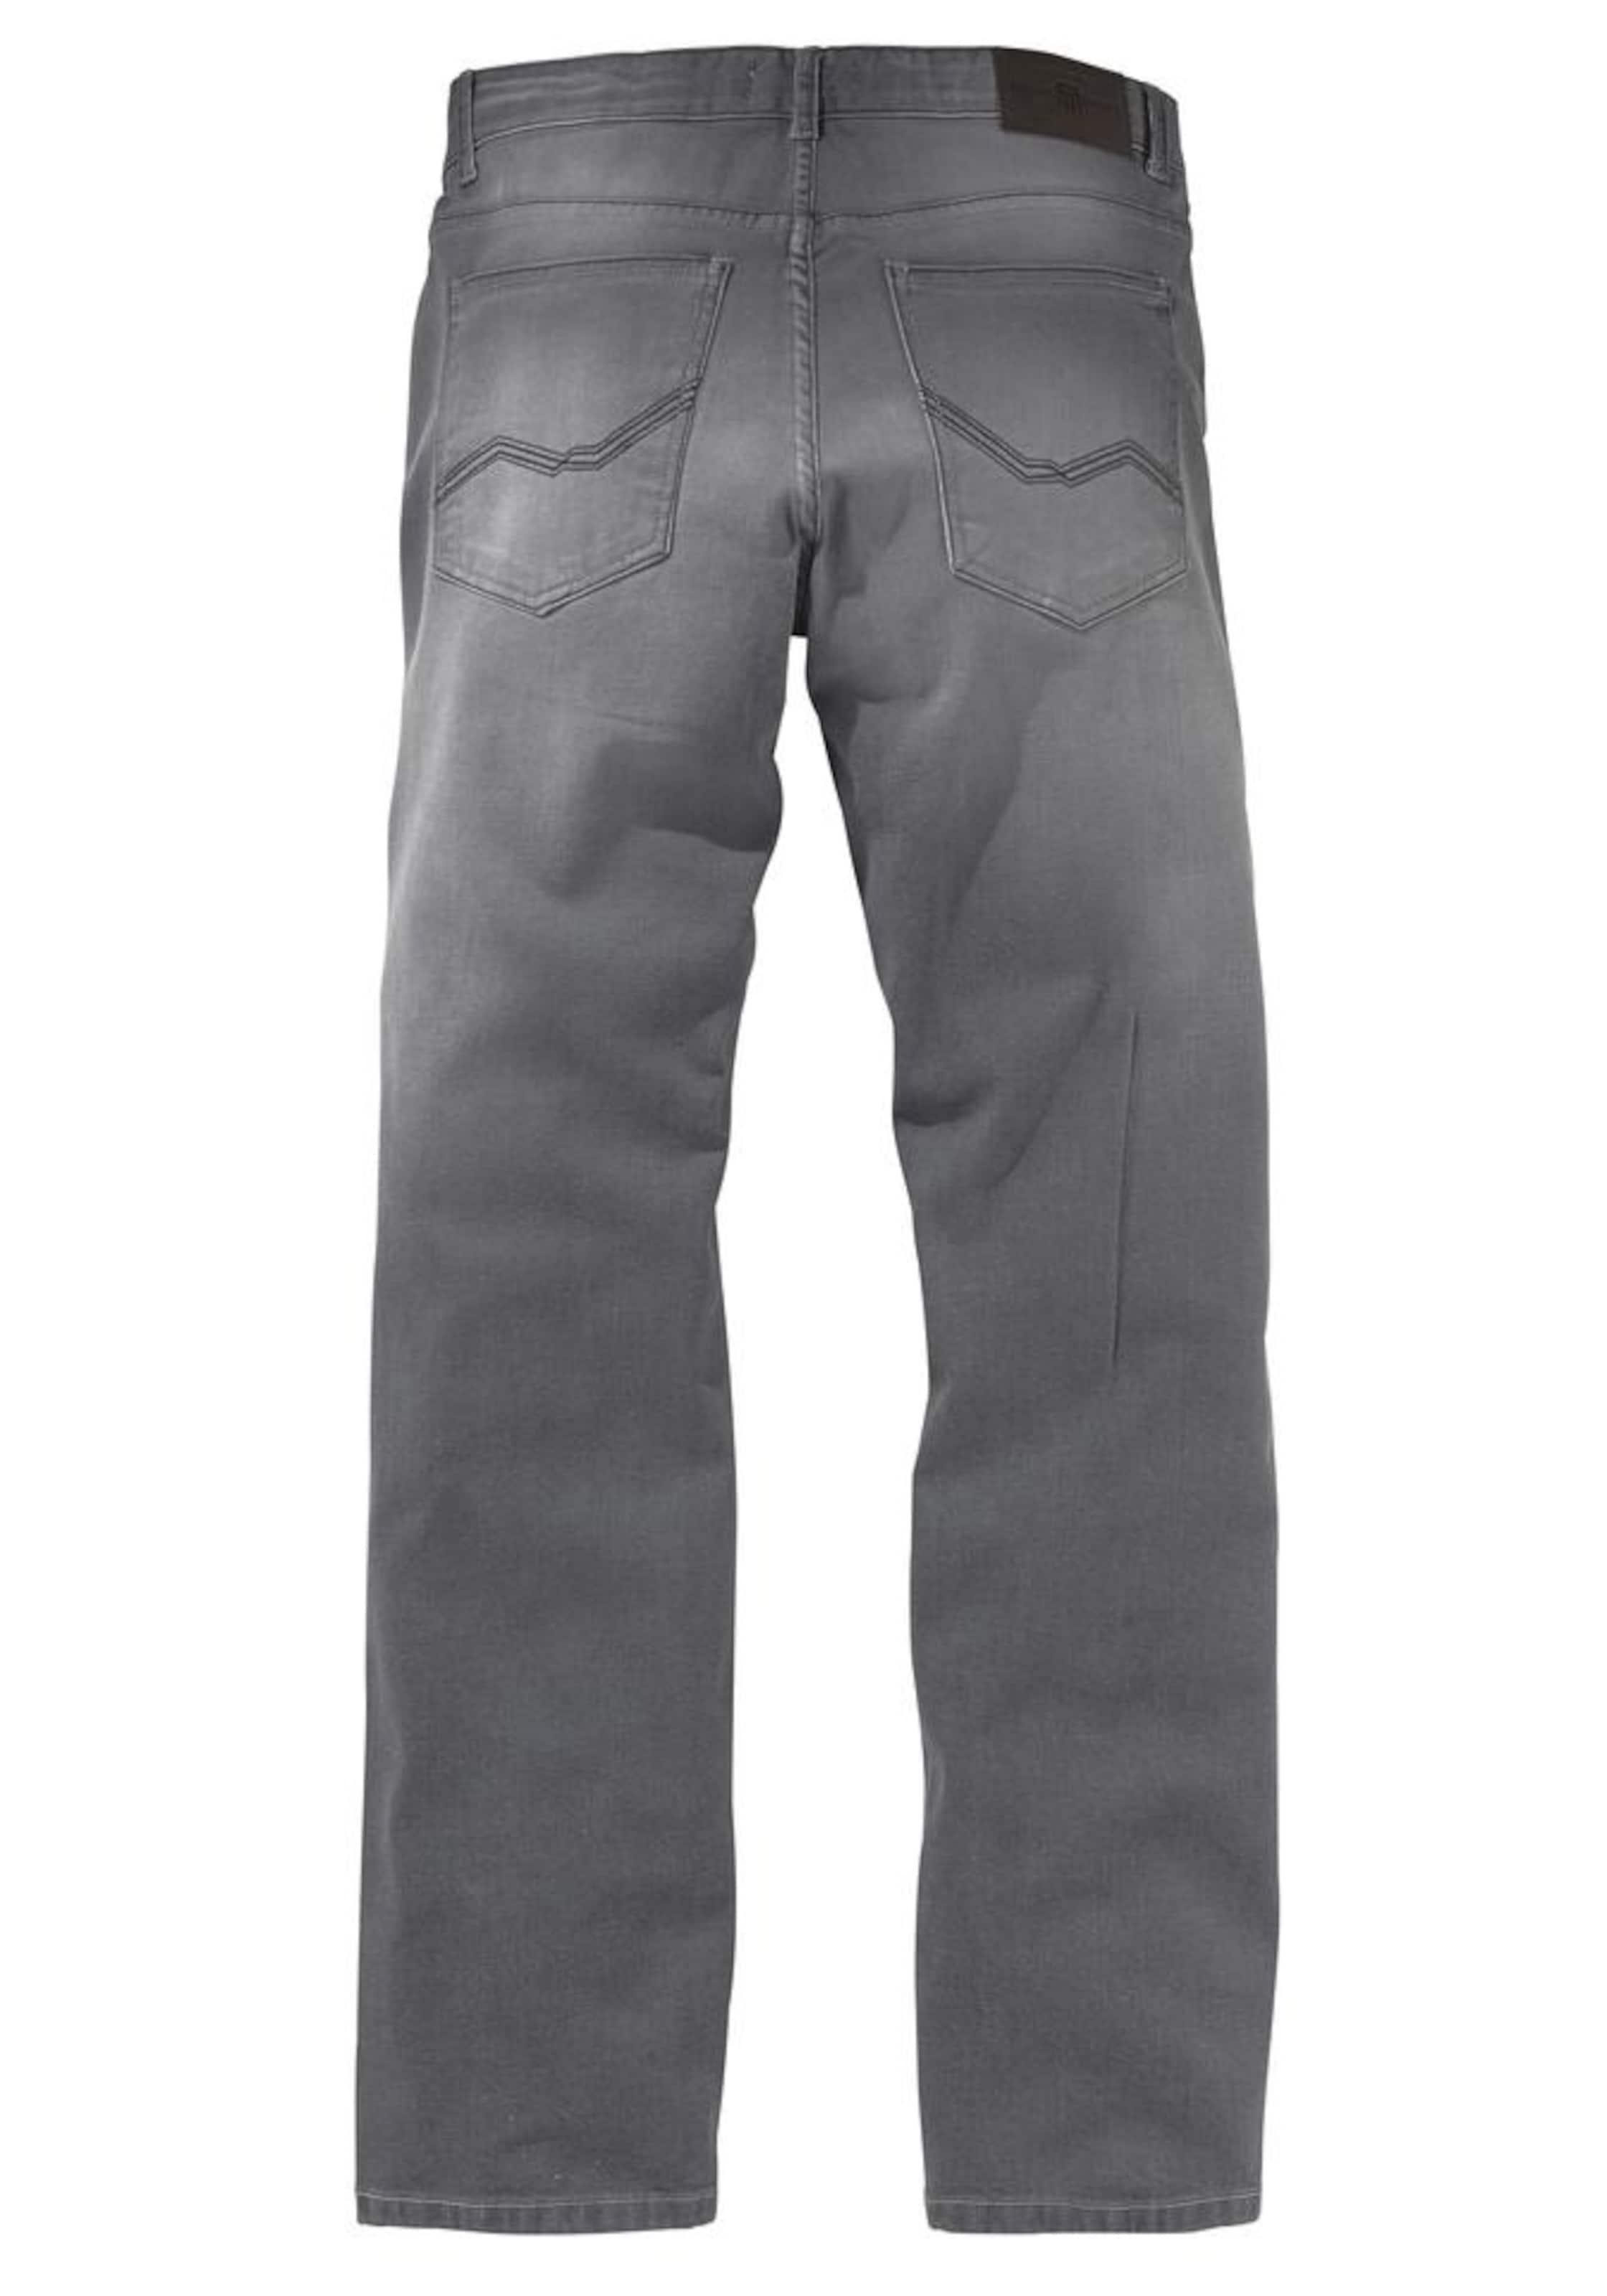 Island In Grau Stretch Jeans Rhode uZkXOPiT